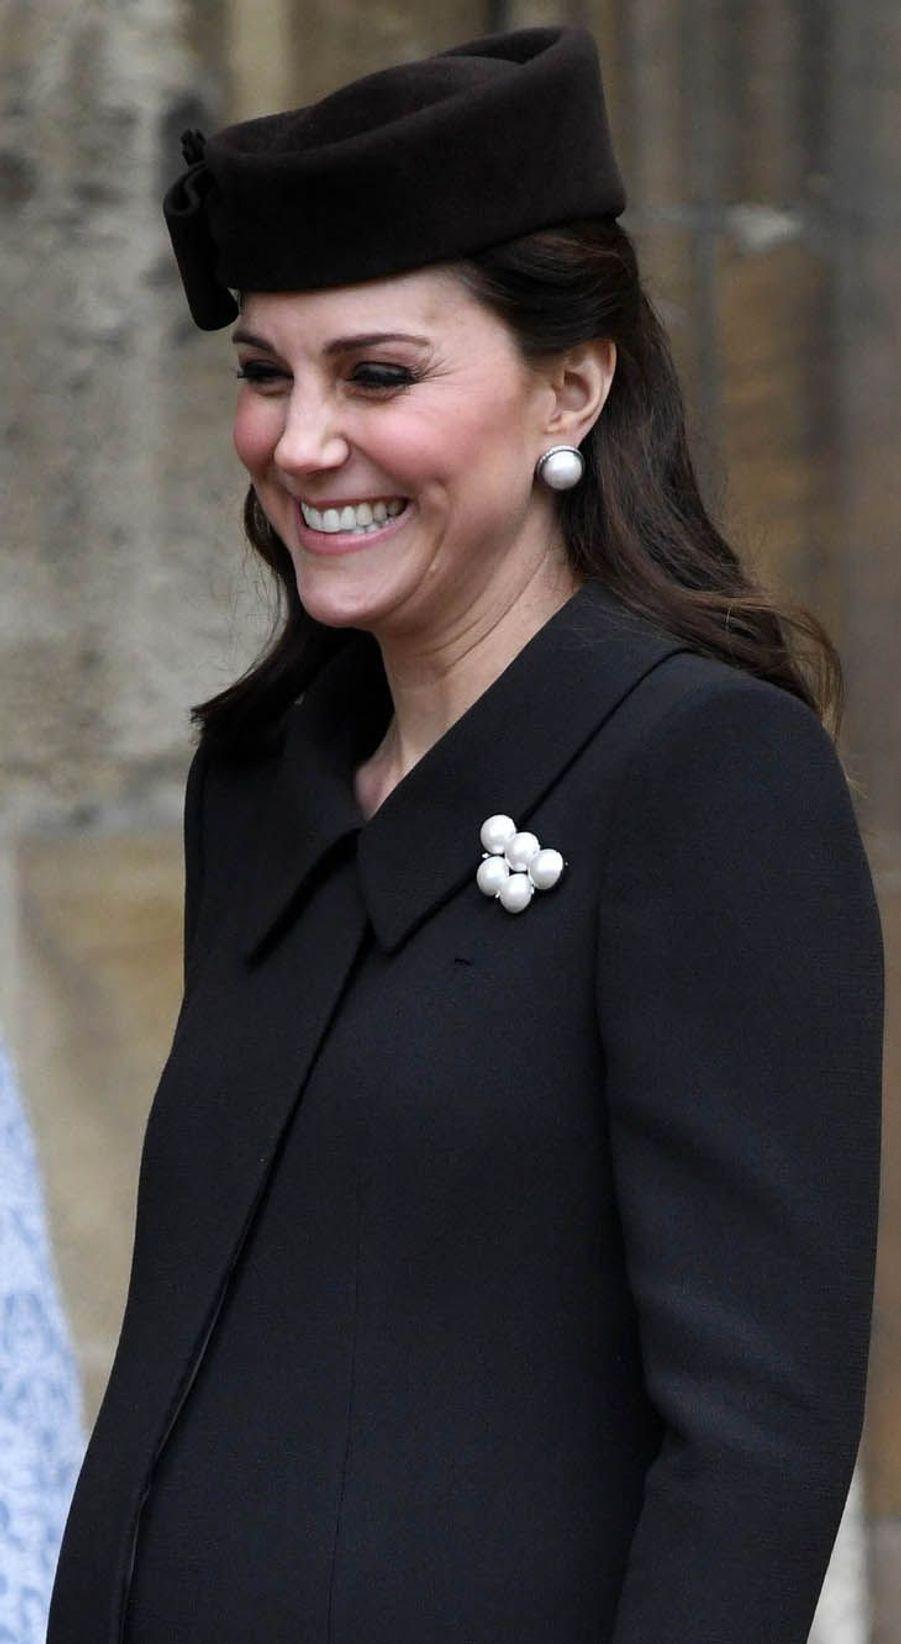 Enceinte de huit mois, la duchesse Kate a assisté auprès du prince William à la traditionnelle messe de Pâques.